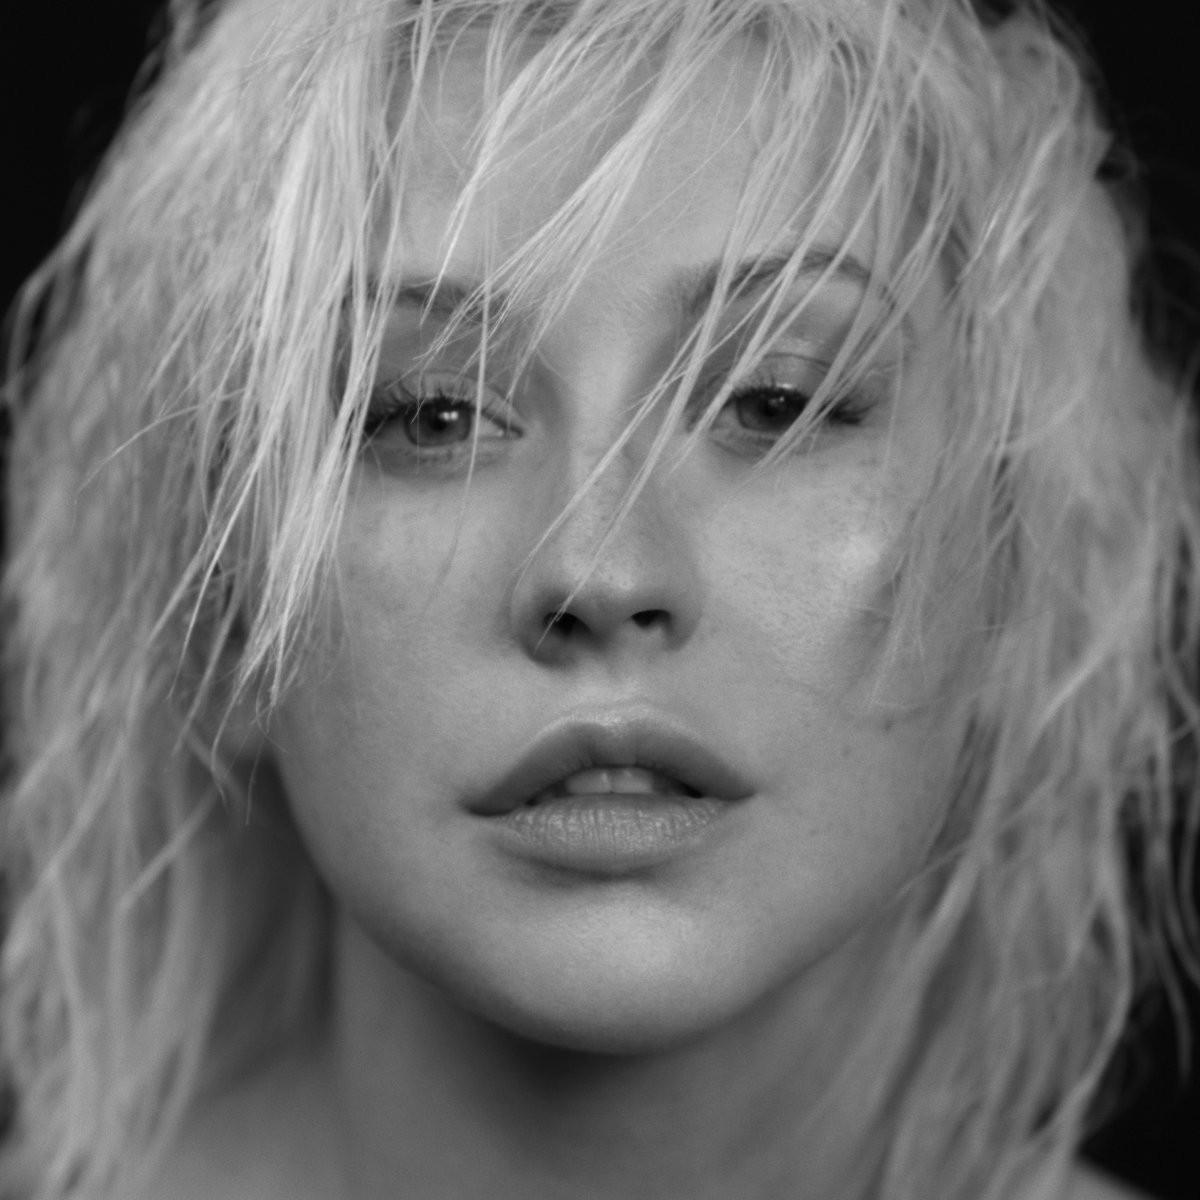 Trở lại sau 6 năm mất tích, Christina Aguilera nhầy nhụa bán nude táo bạo trong MV mới - Ảnh 6.